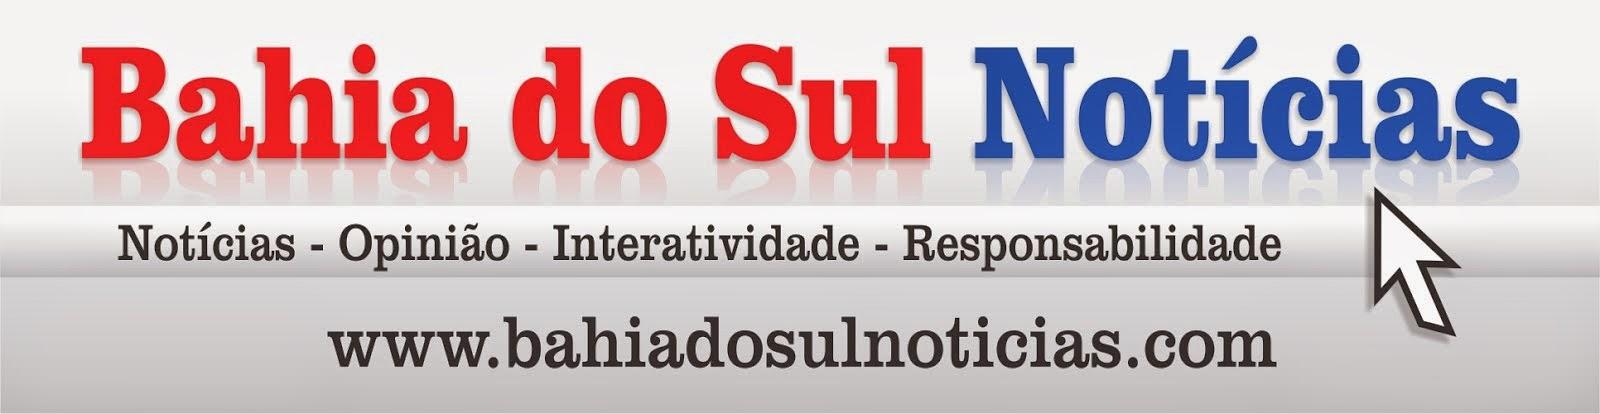 BAHIA DO SUL NOTÍCIAS